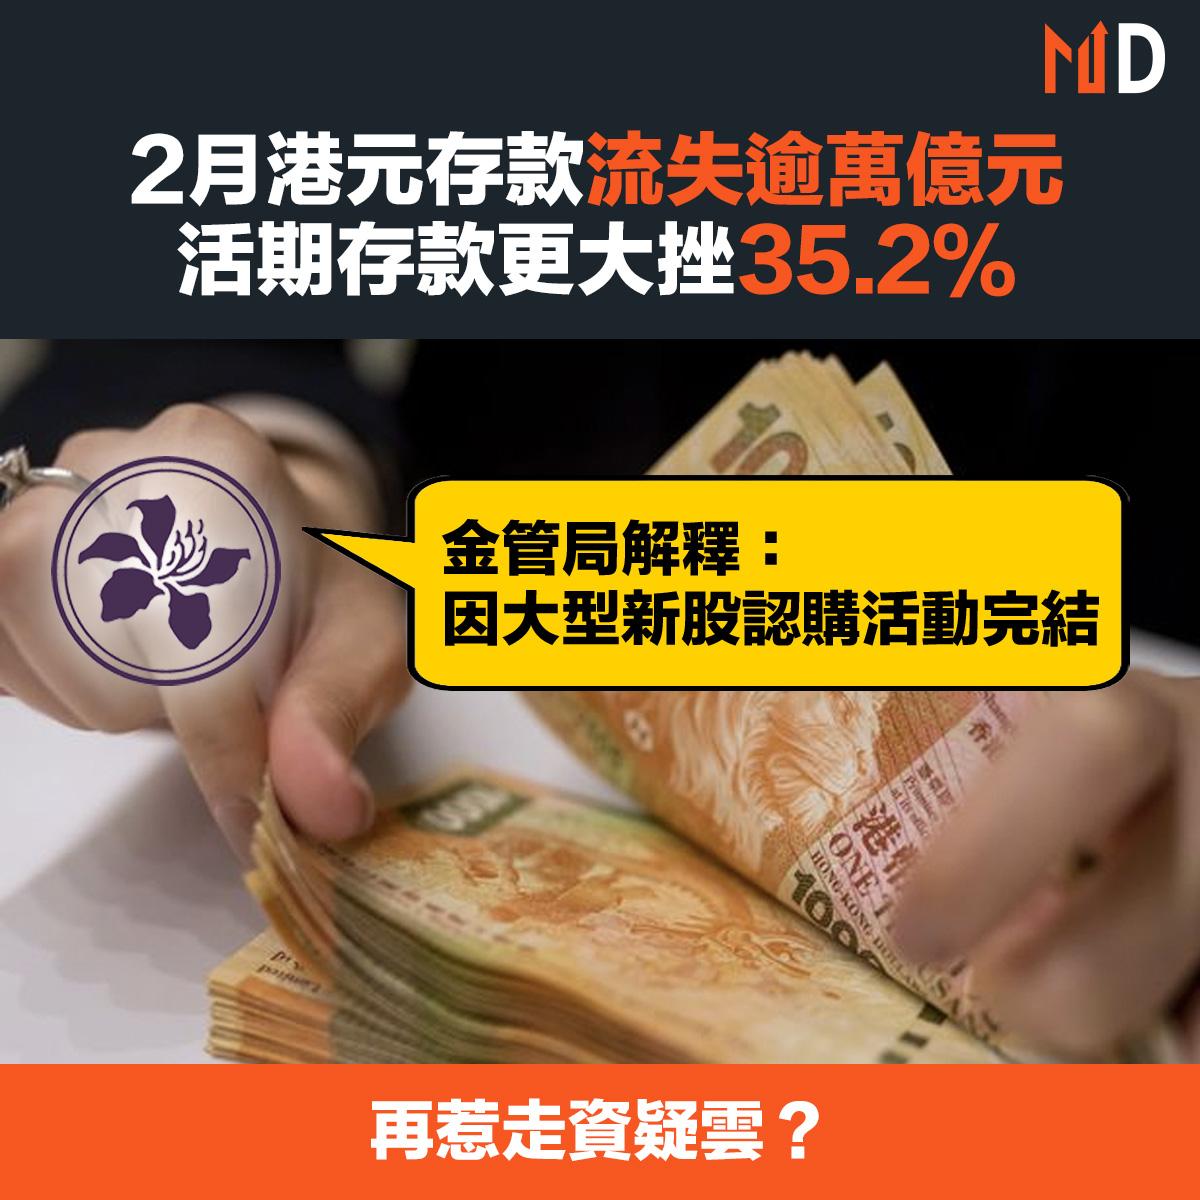 【市場熱話】2月港元存款流失逾萬億元按月大跌12%,活期存款更大挫35.2%,再惹走資疑雲?